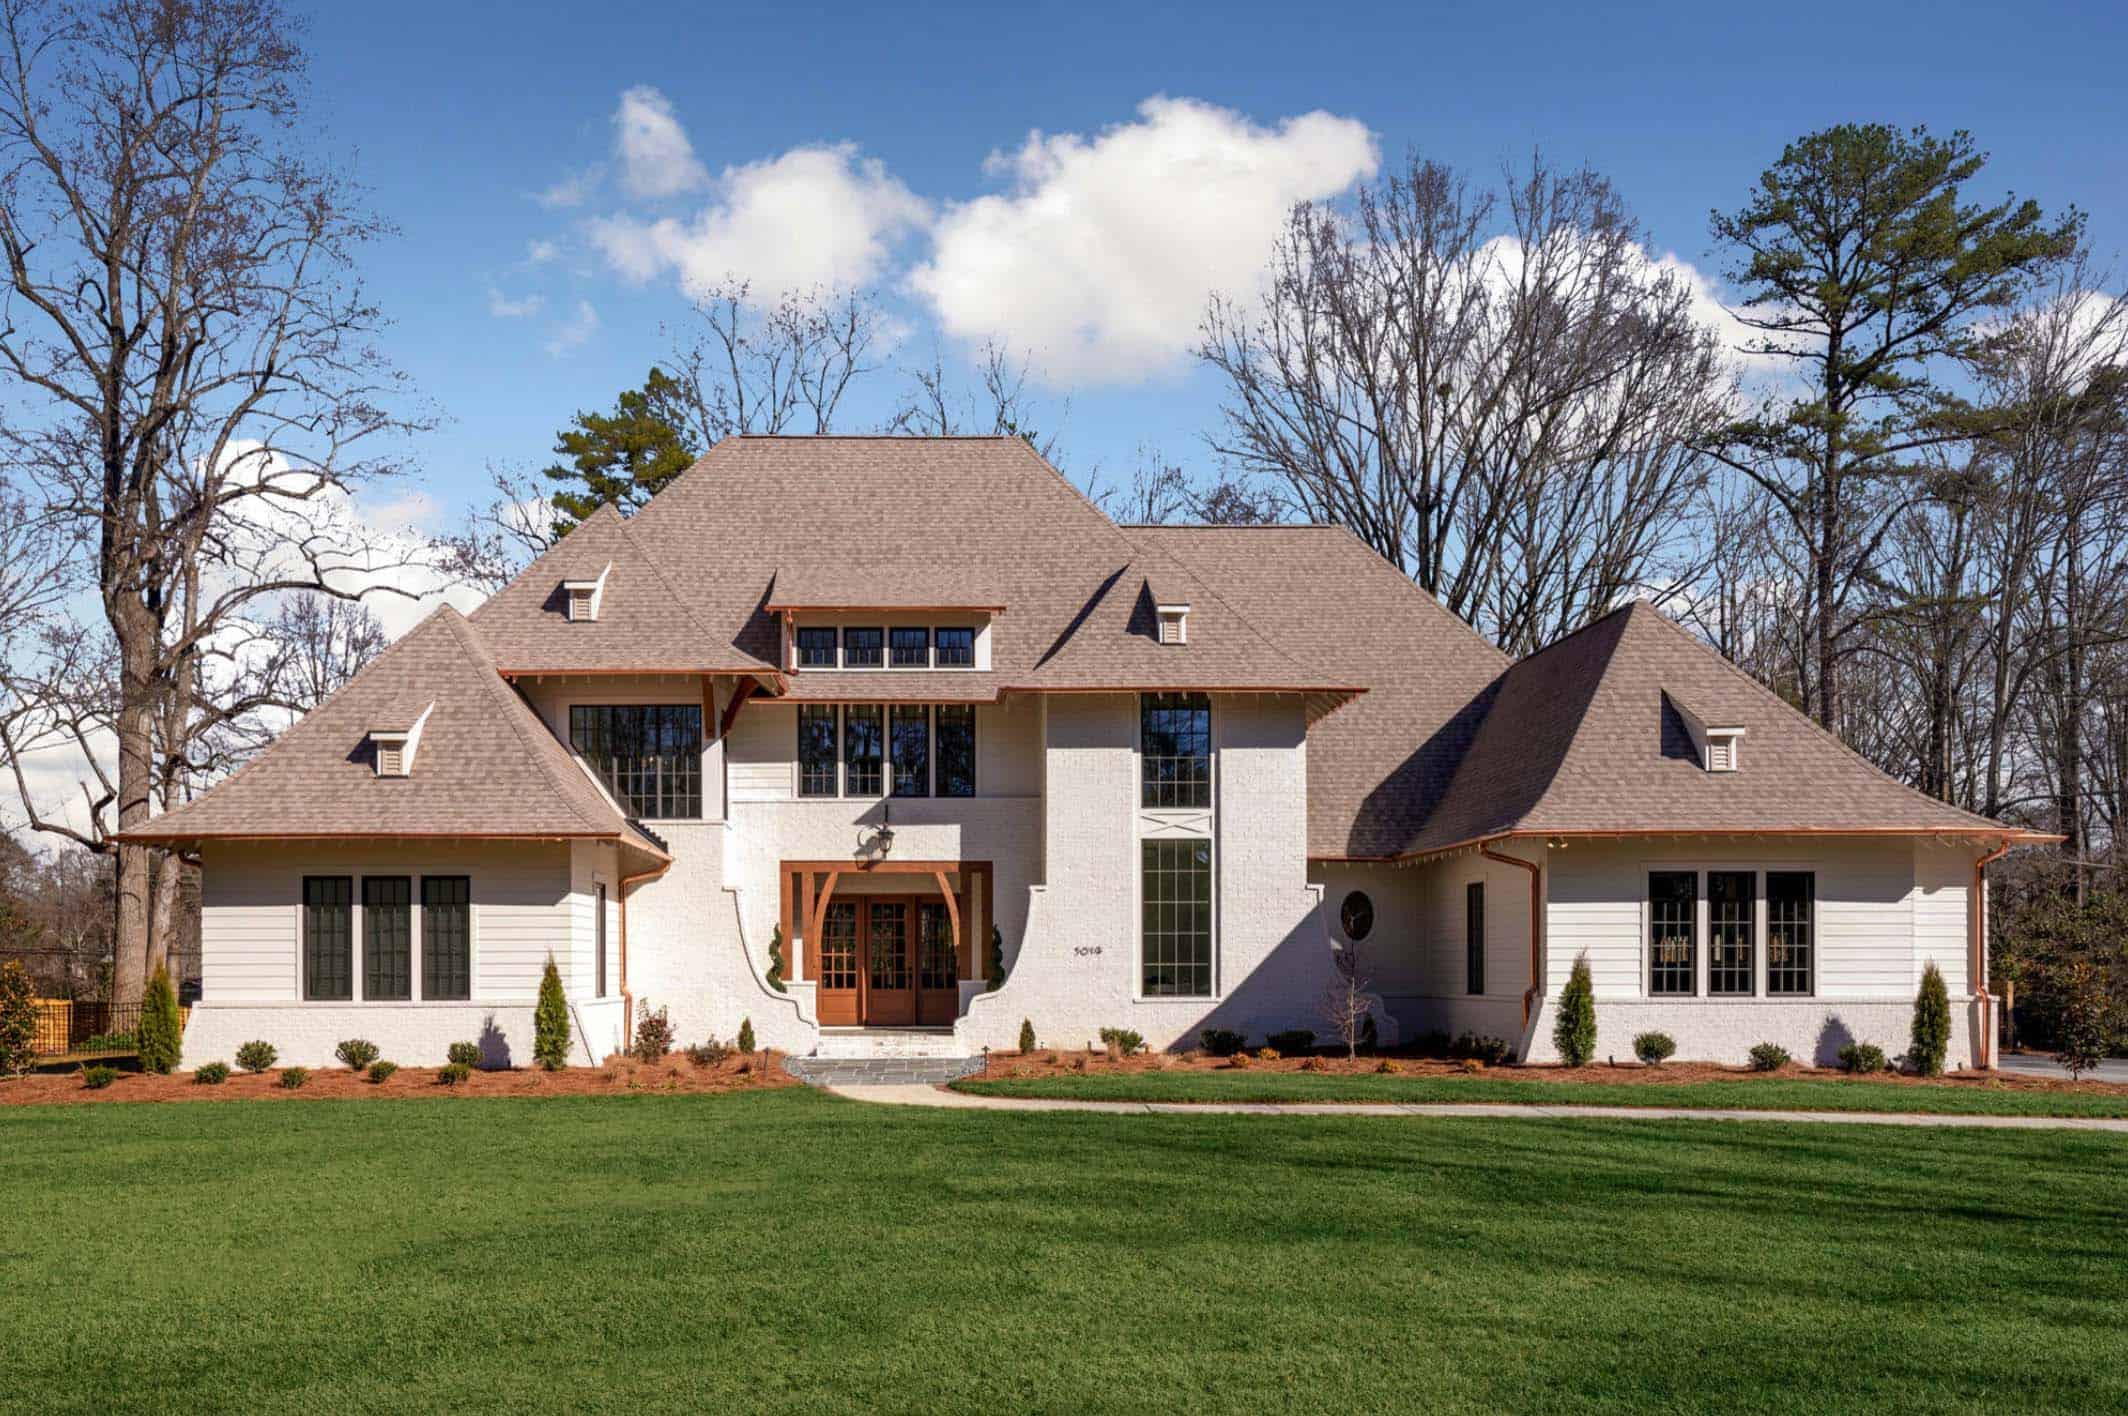 maison-exceptionnelle-exterieur-traditionnel